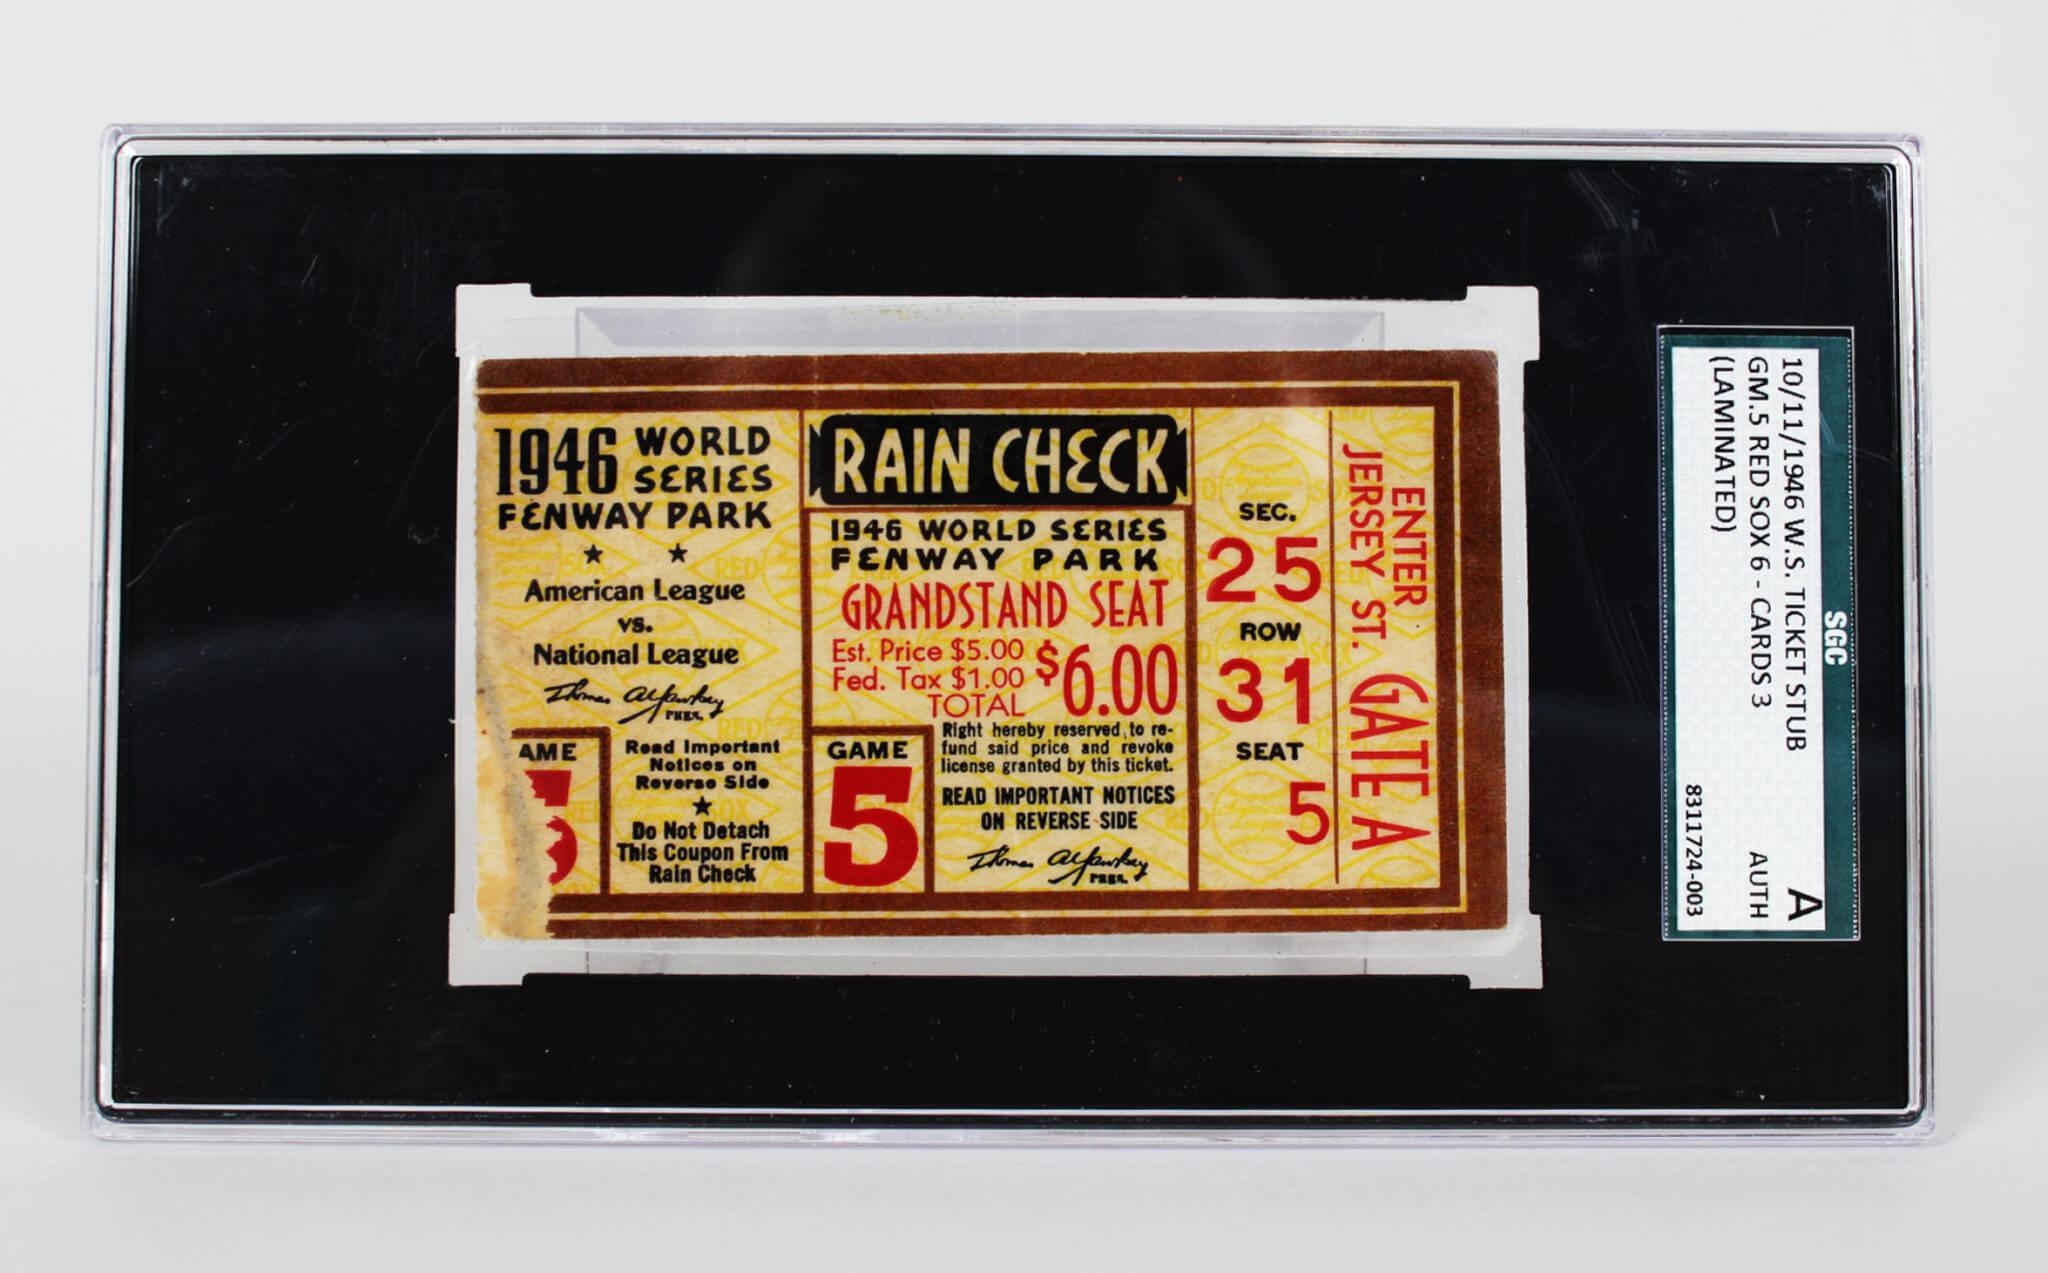 1946 world series ticket stub sgc memorabilia expert